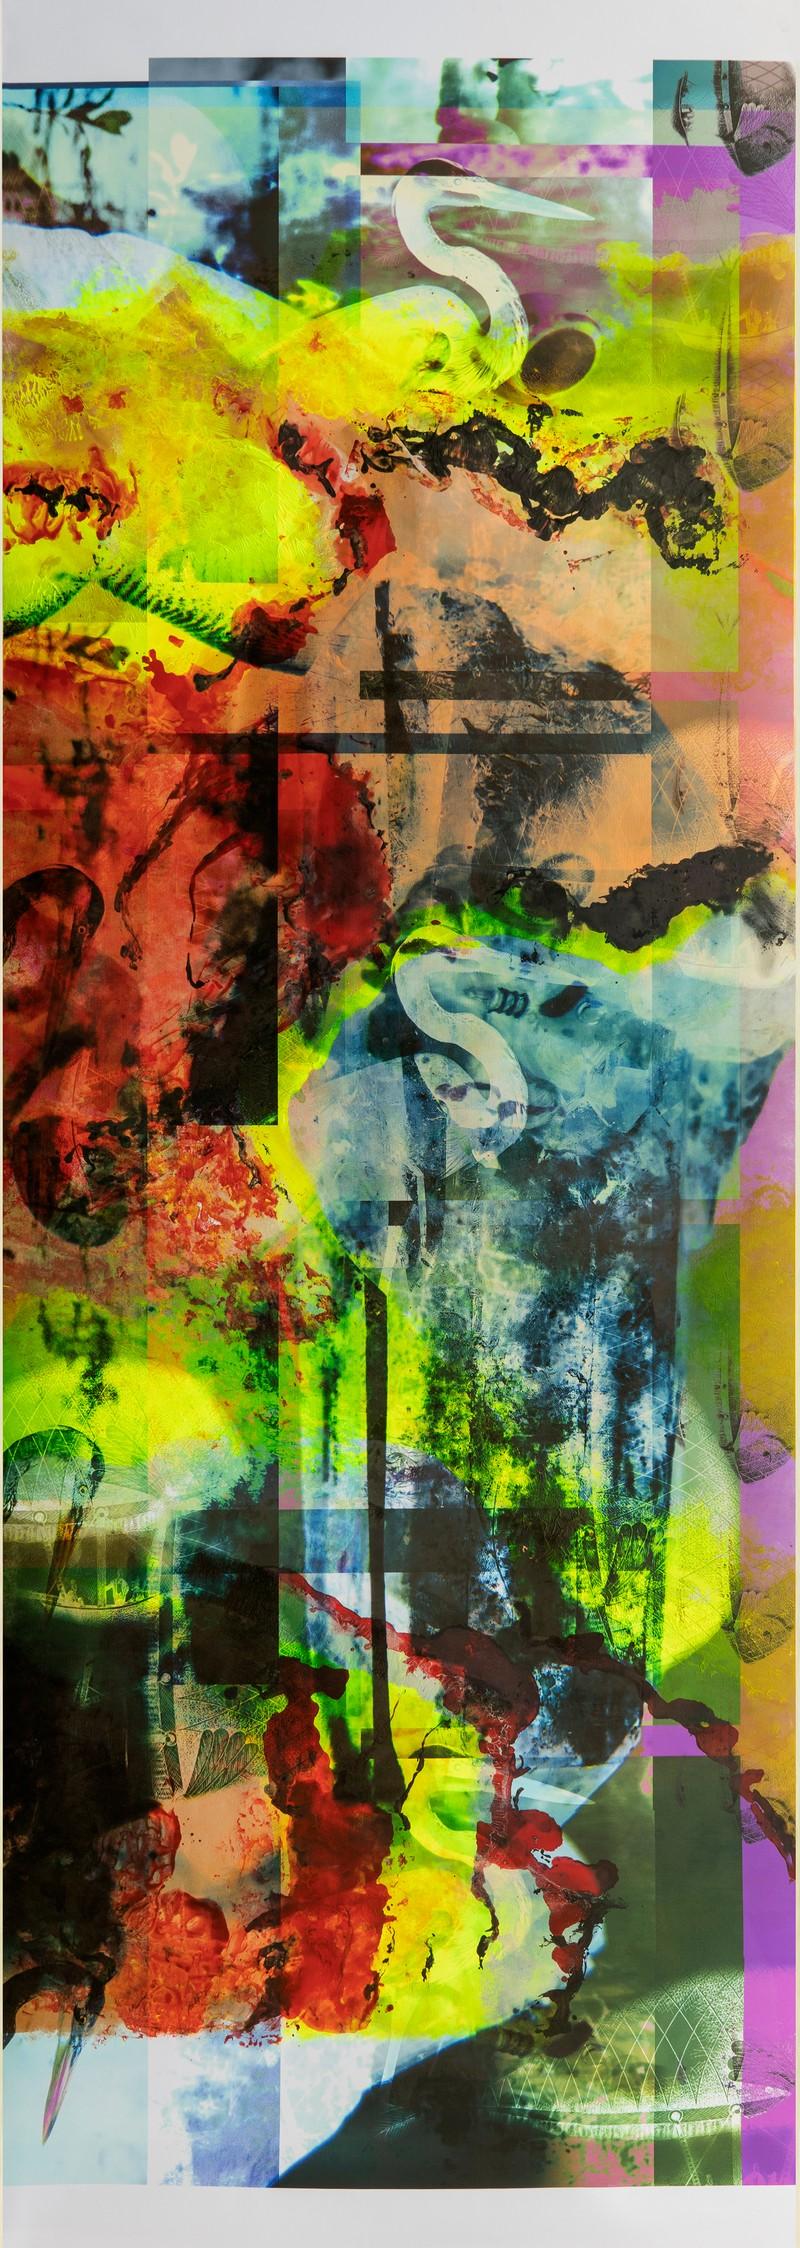 Artwork – Afterlife, 2020